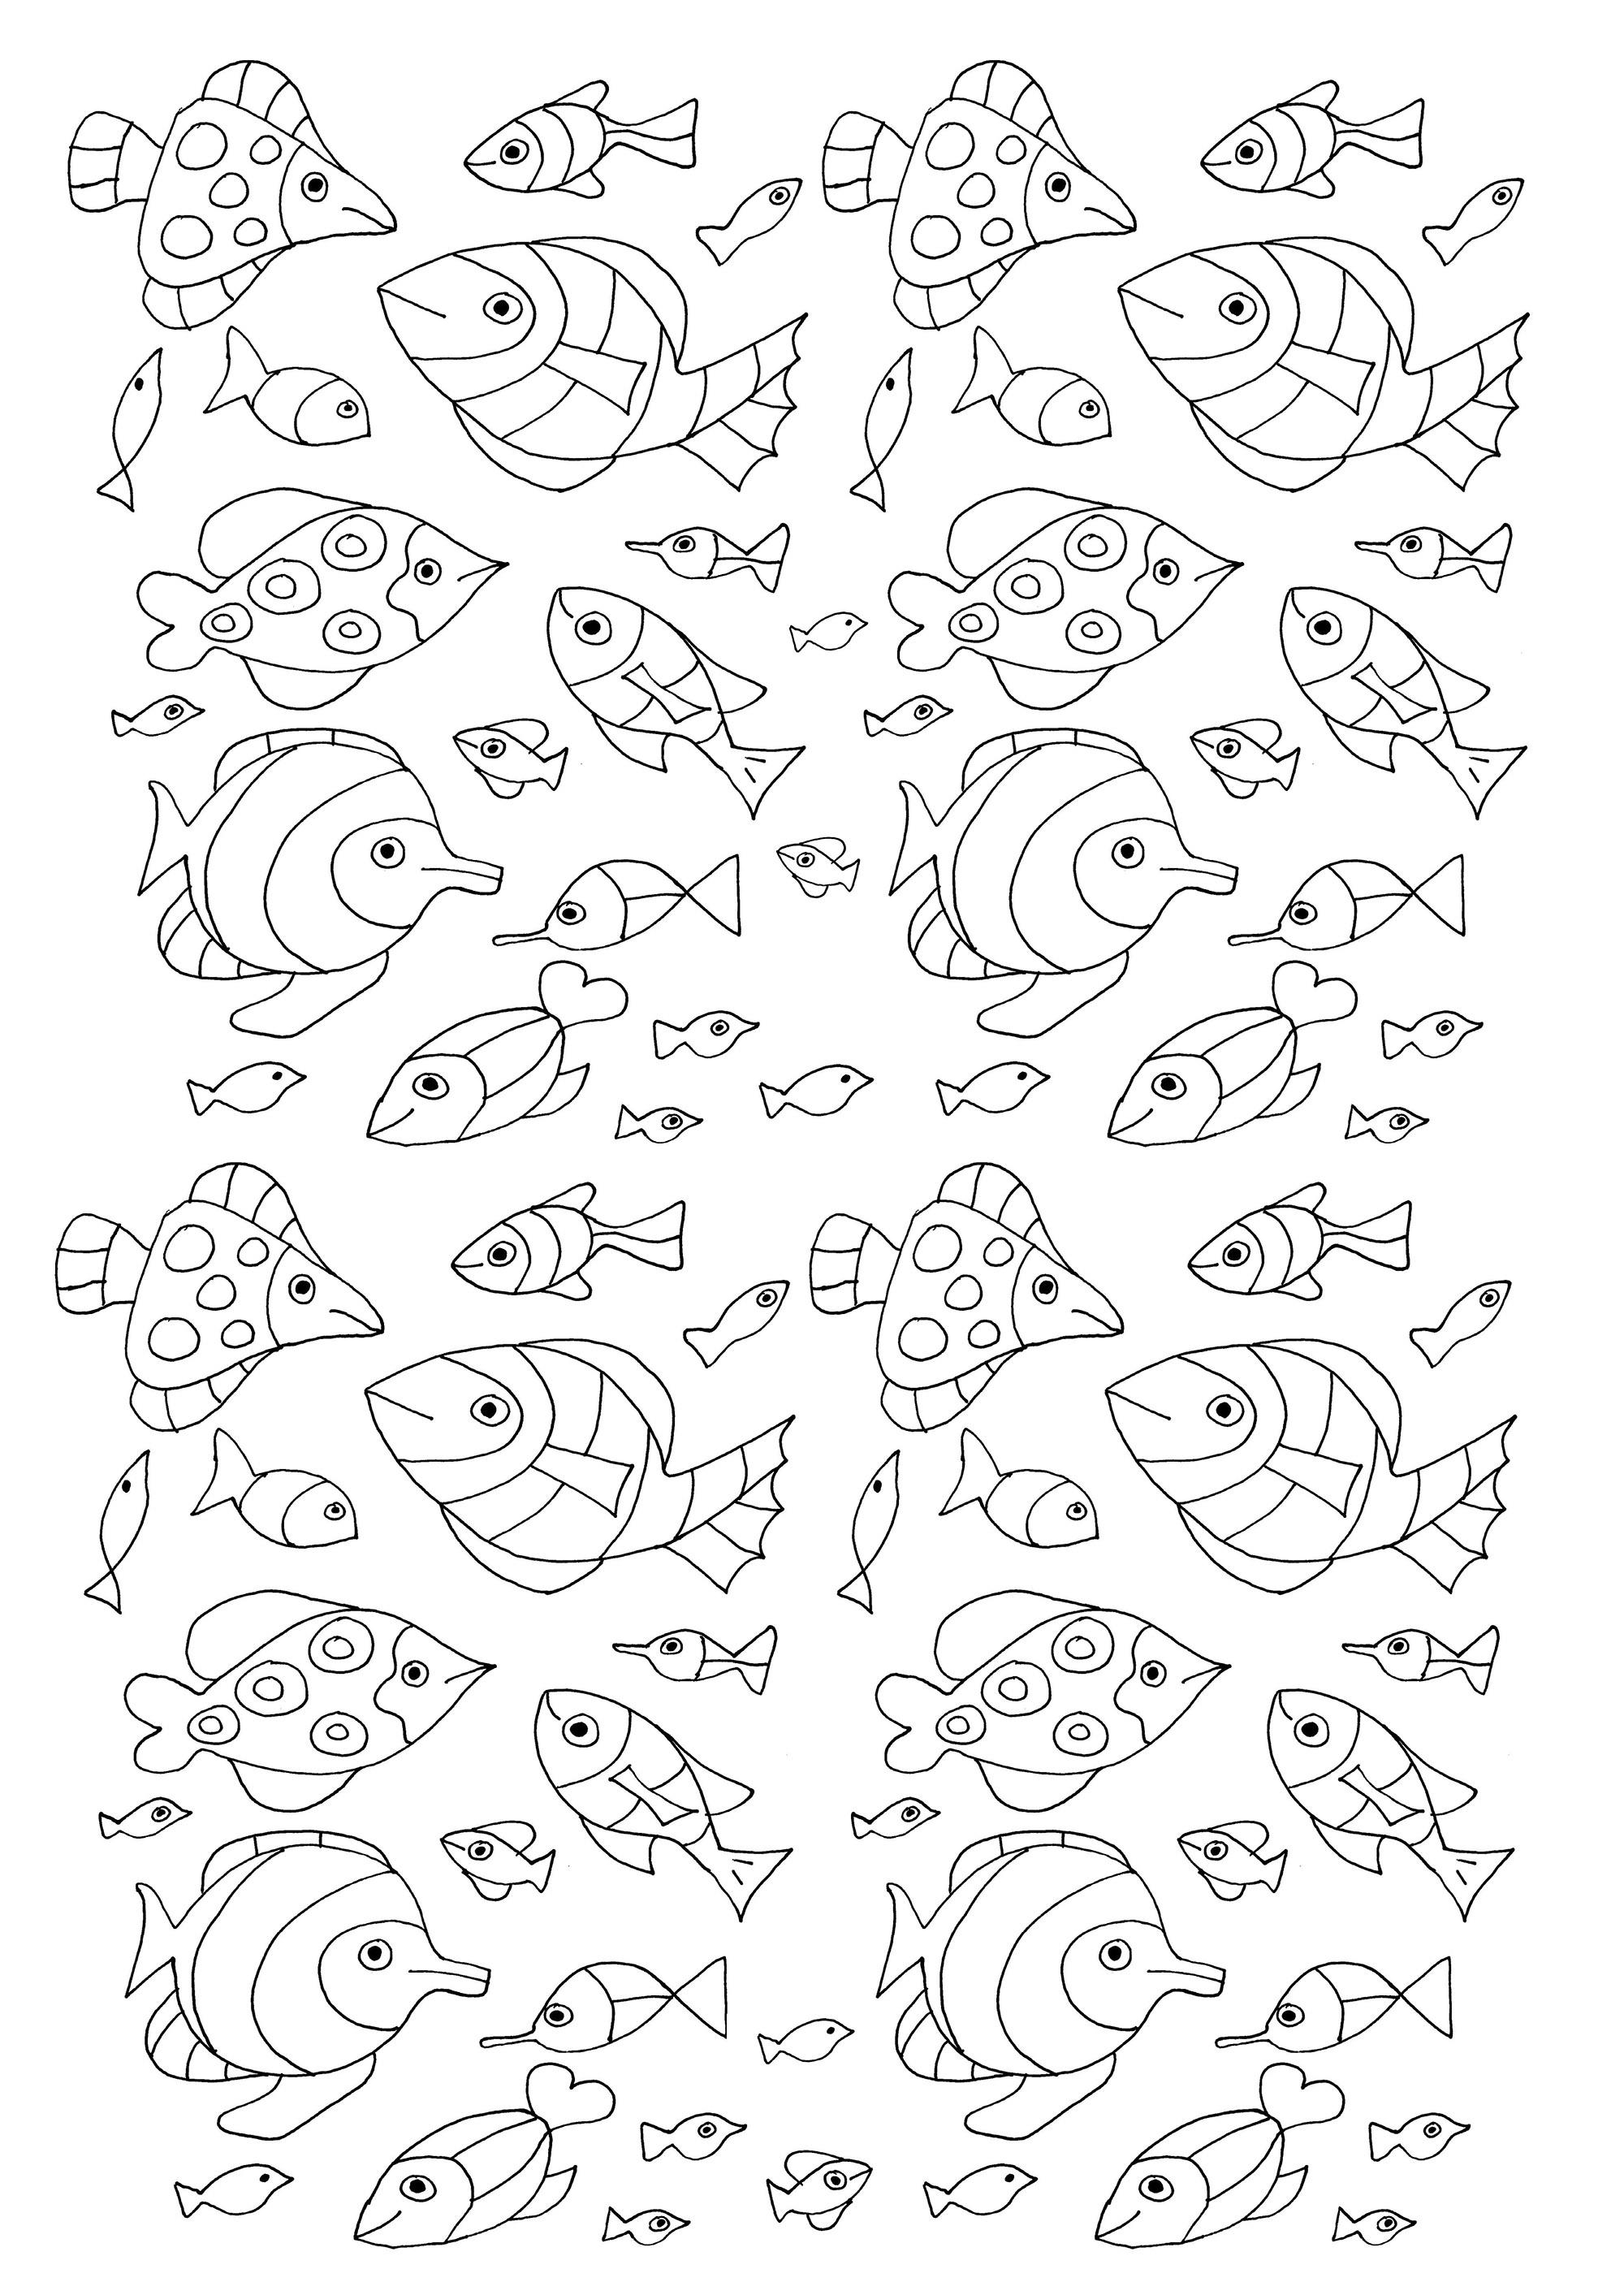 Pesci 21572 pesci disegni da colorare per adulti for Pesci immagini da colorare